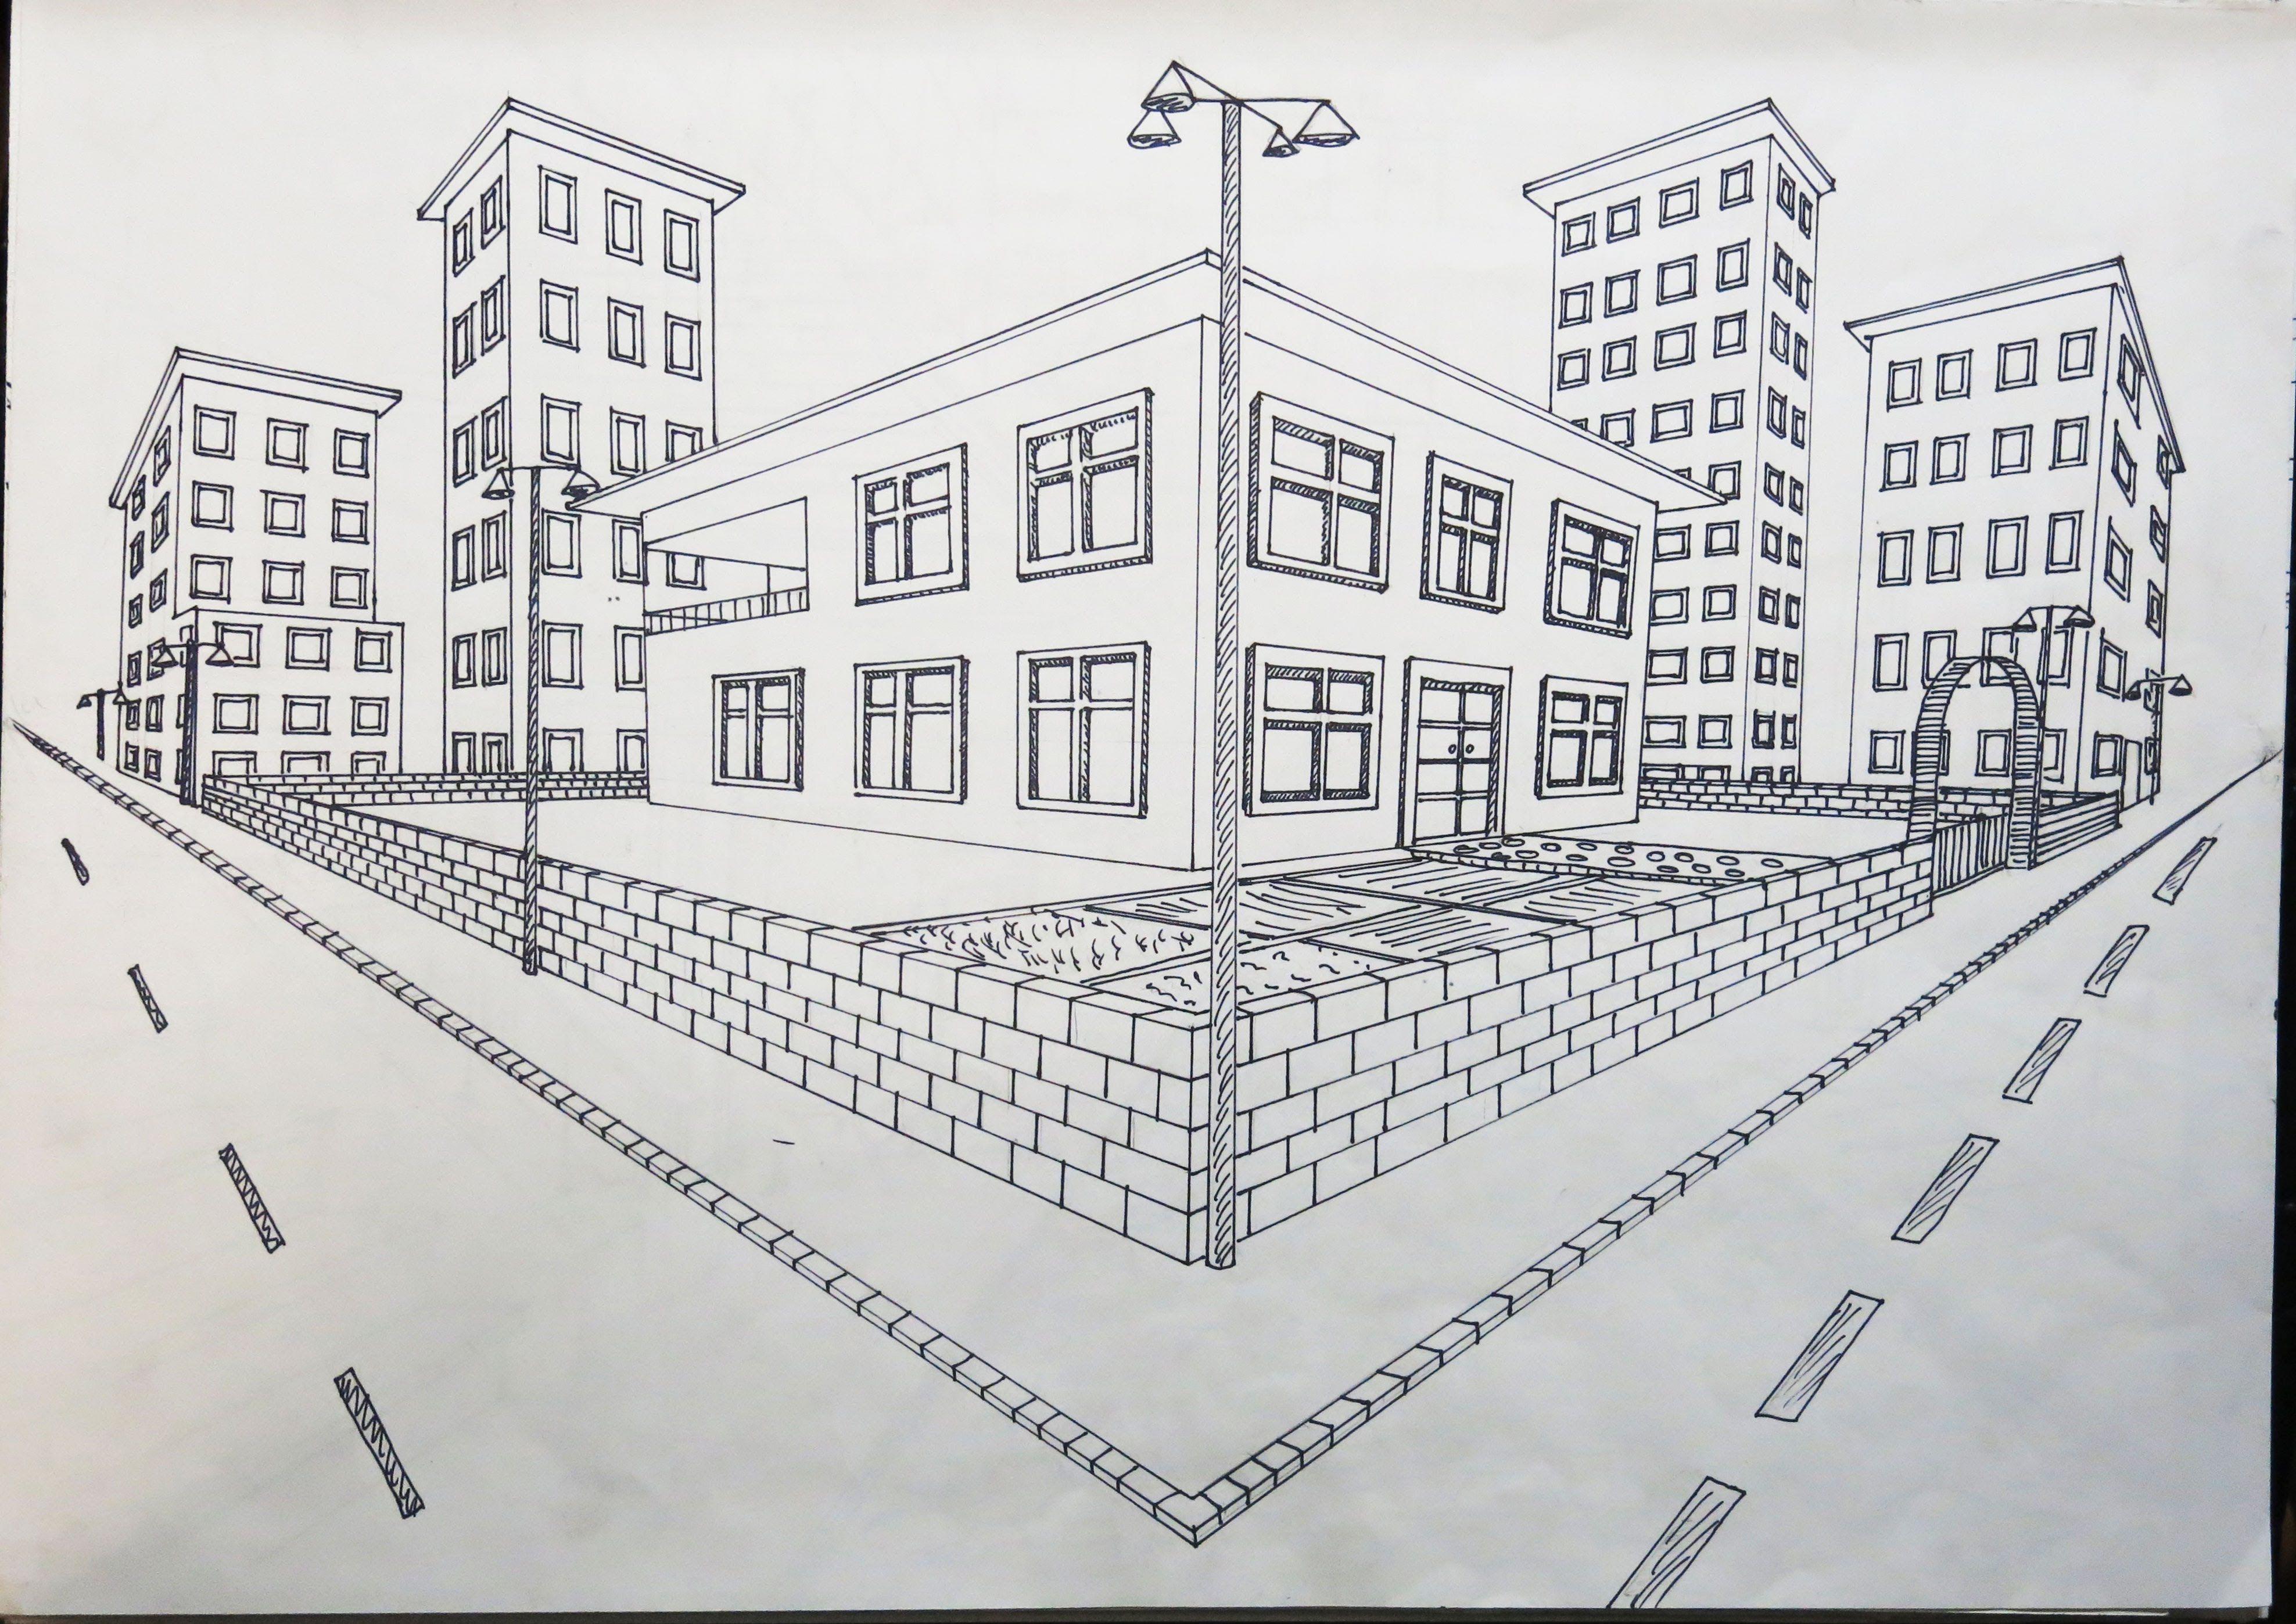 Iki Noktada Kaçışlı Dış Mekan Tasarımı çizimler 2019